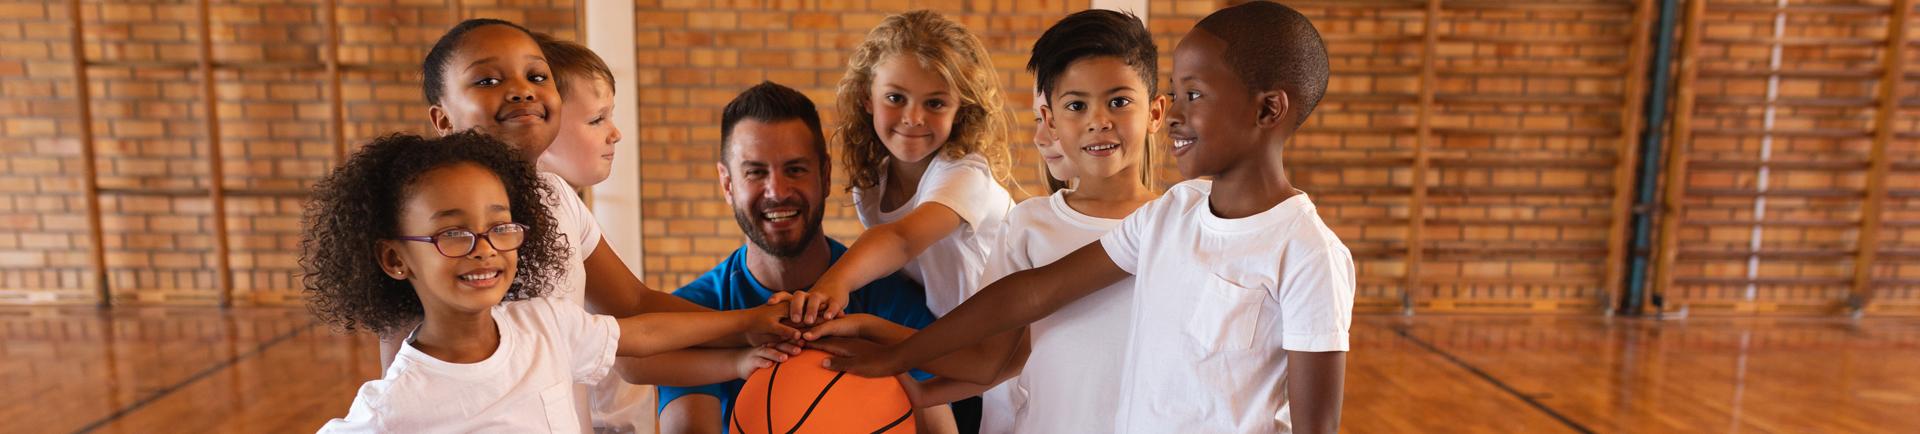 Jovens e treinador com as mãos à volta de uma bola de basquetebol